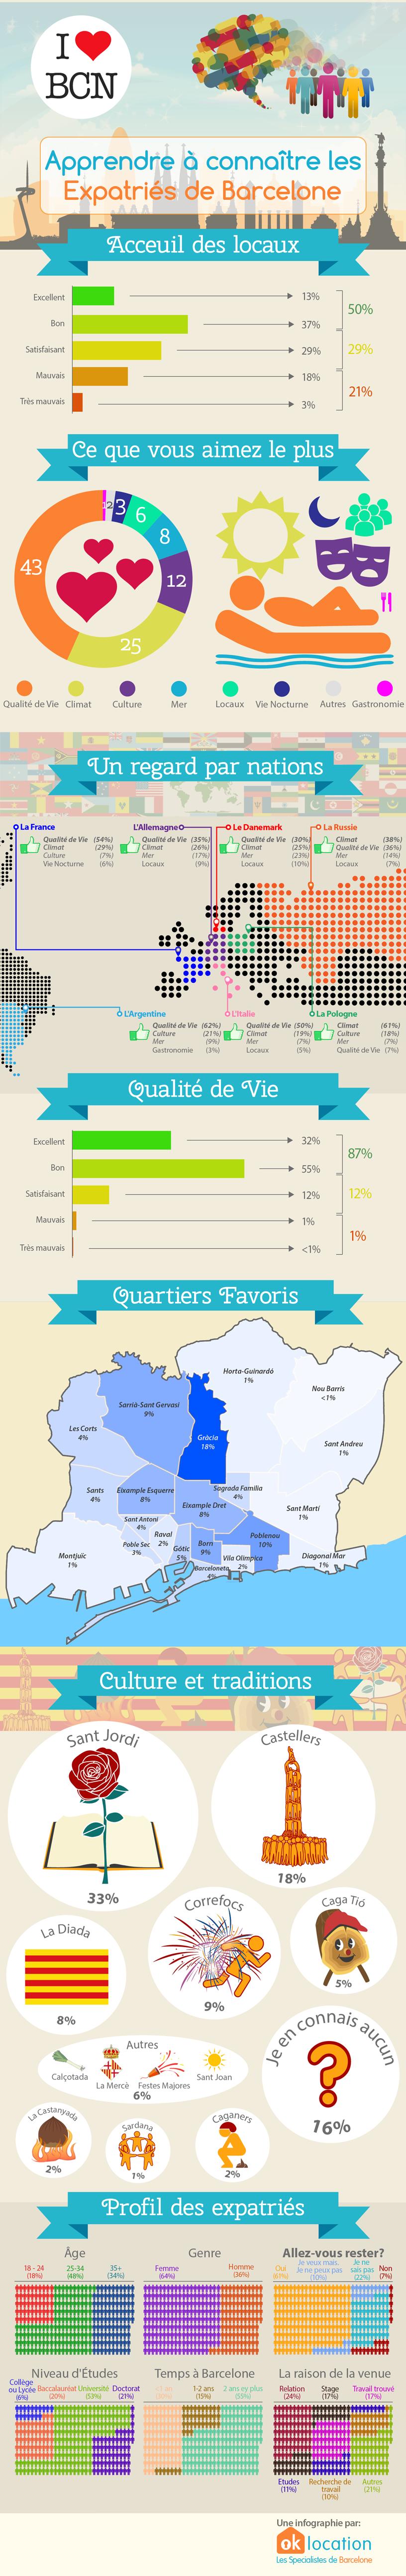 Infographie - Ce que les expatriés aiment le plus à Barcelone